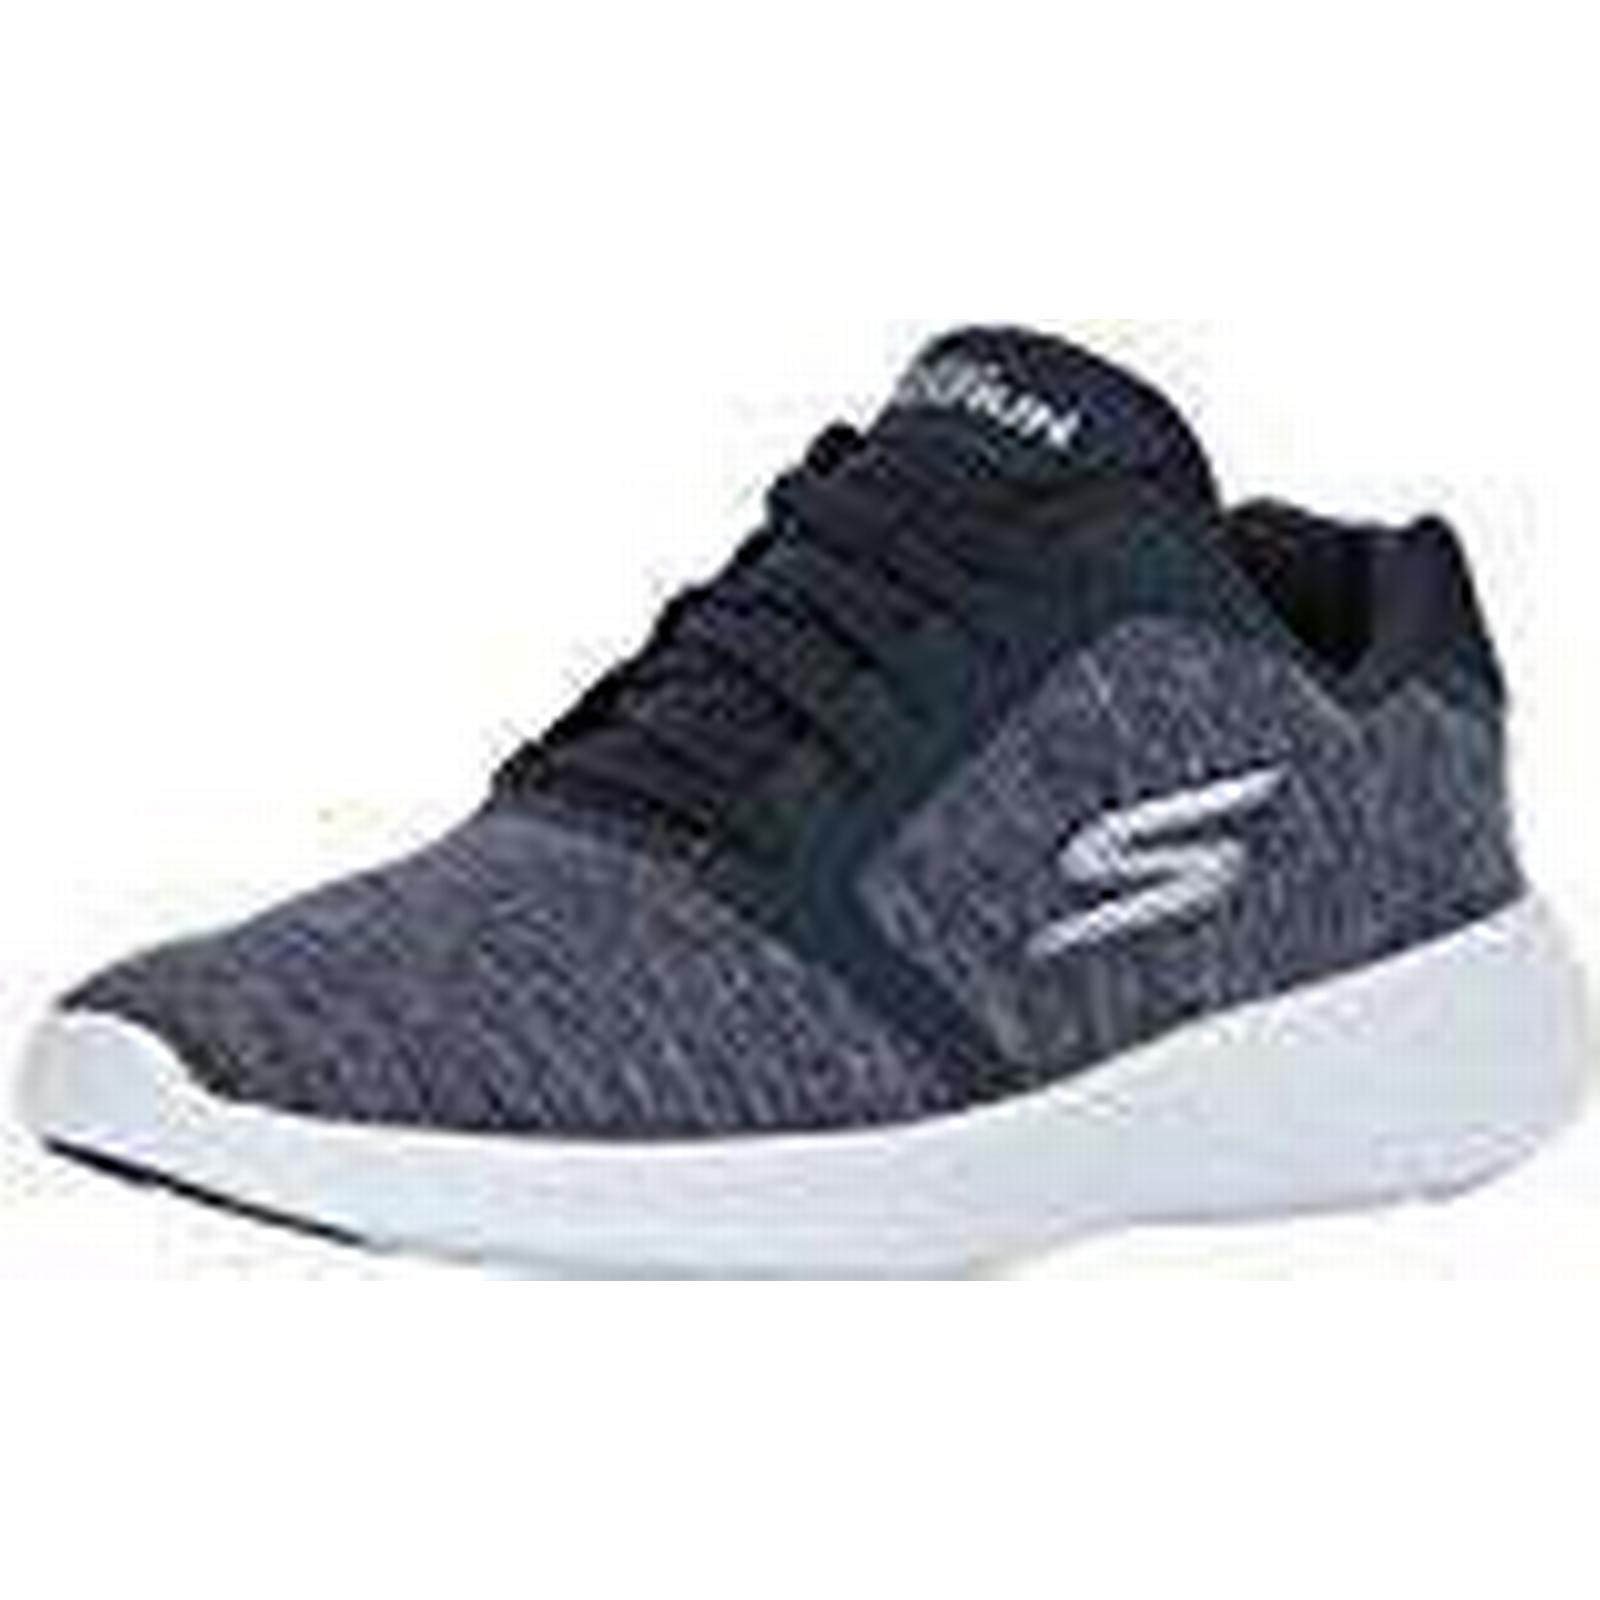 Skechers Women Go Run 600 Blue - Divert Fitness Shoes Blue 600 (Navy) 5 UK 38 EU 866ee4